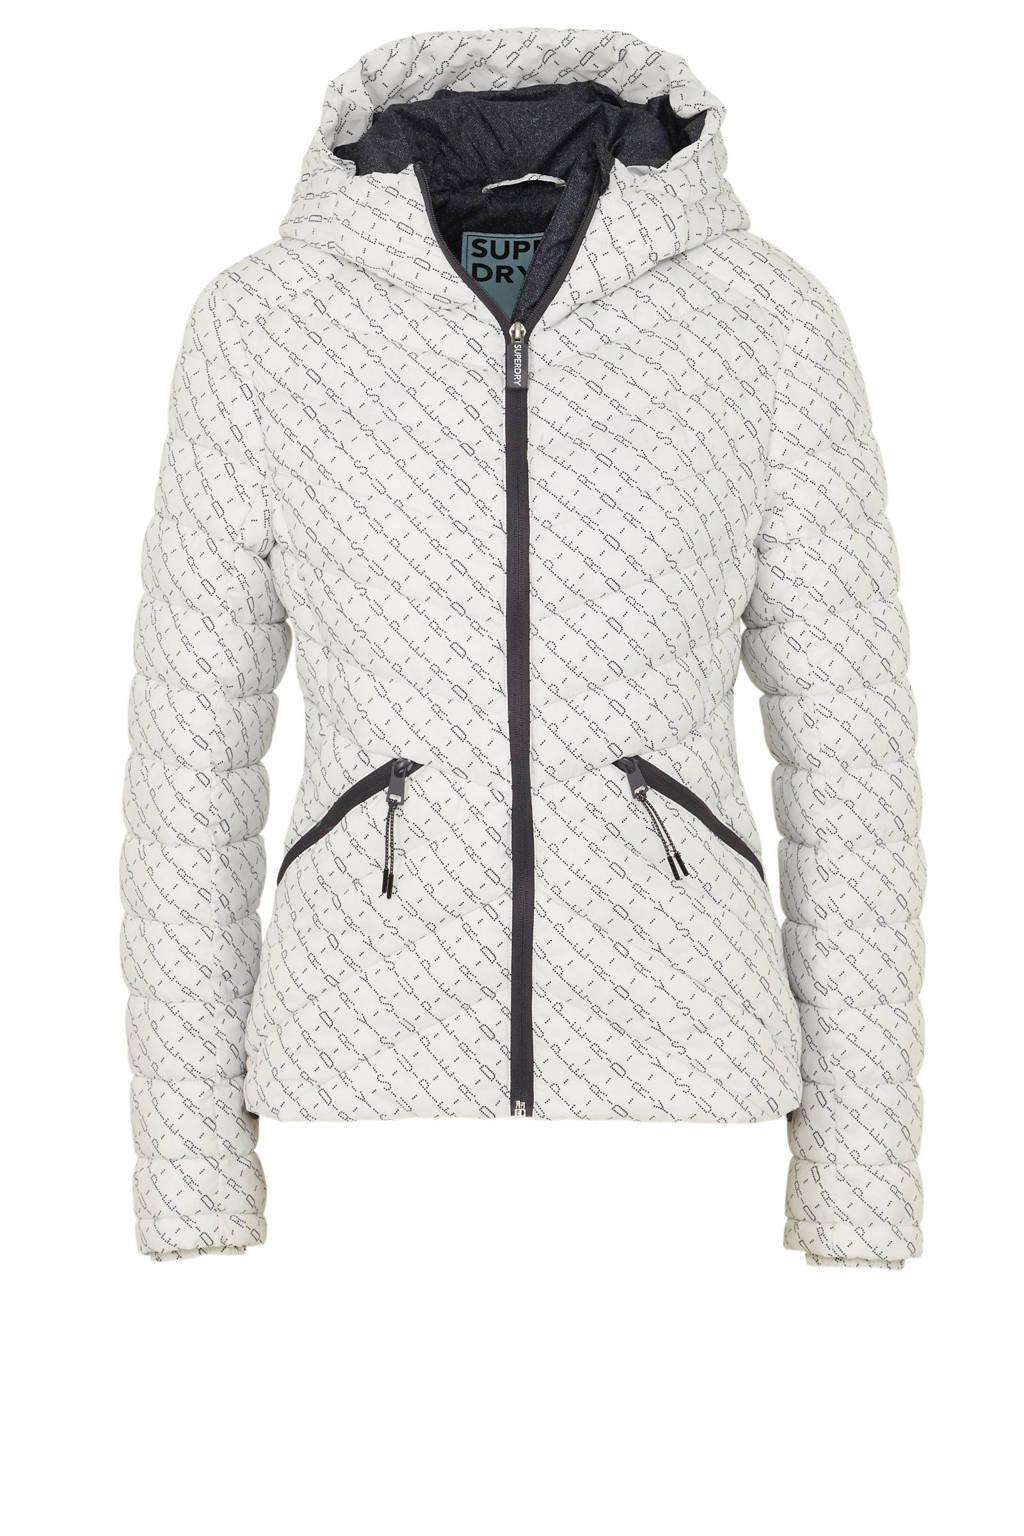 Superdry jas met tekstopdruk, Wit/zwart